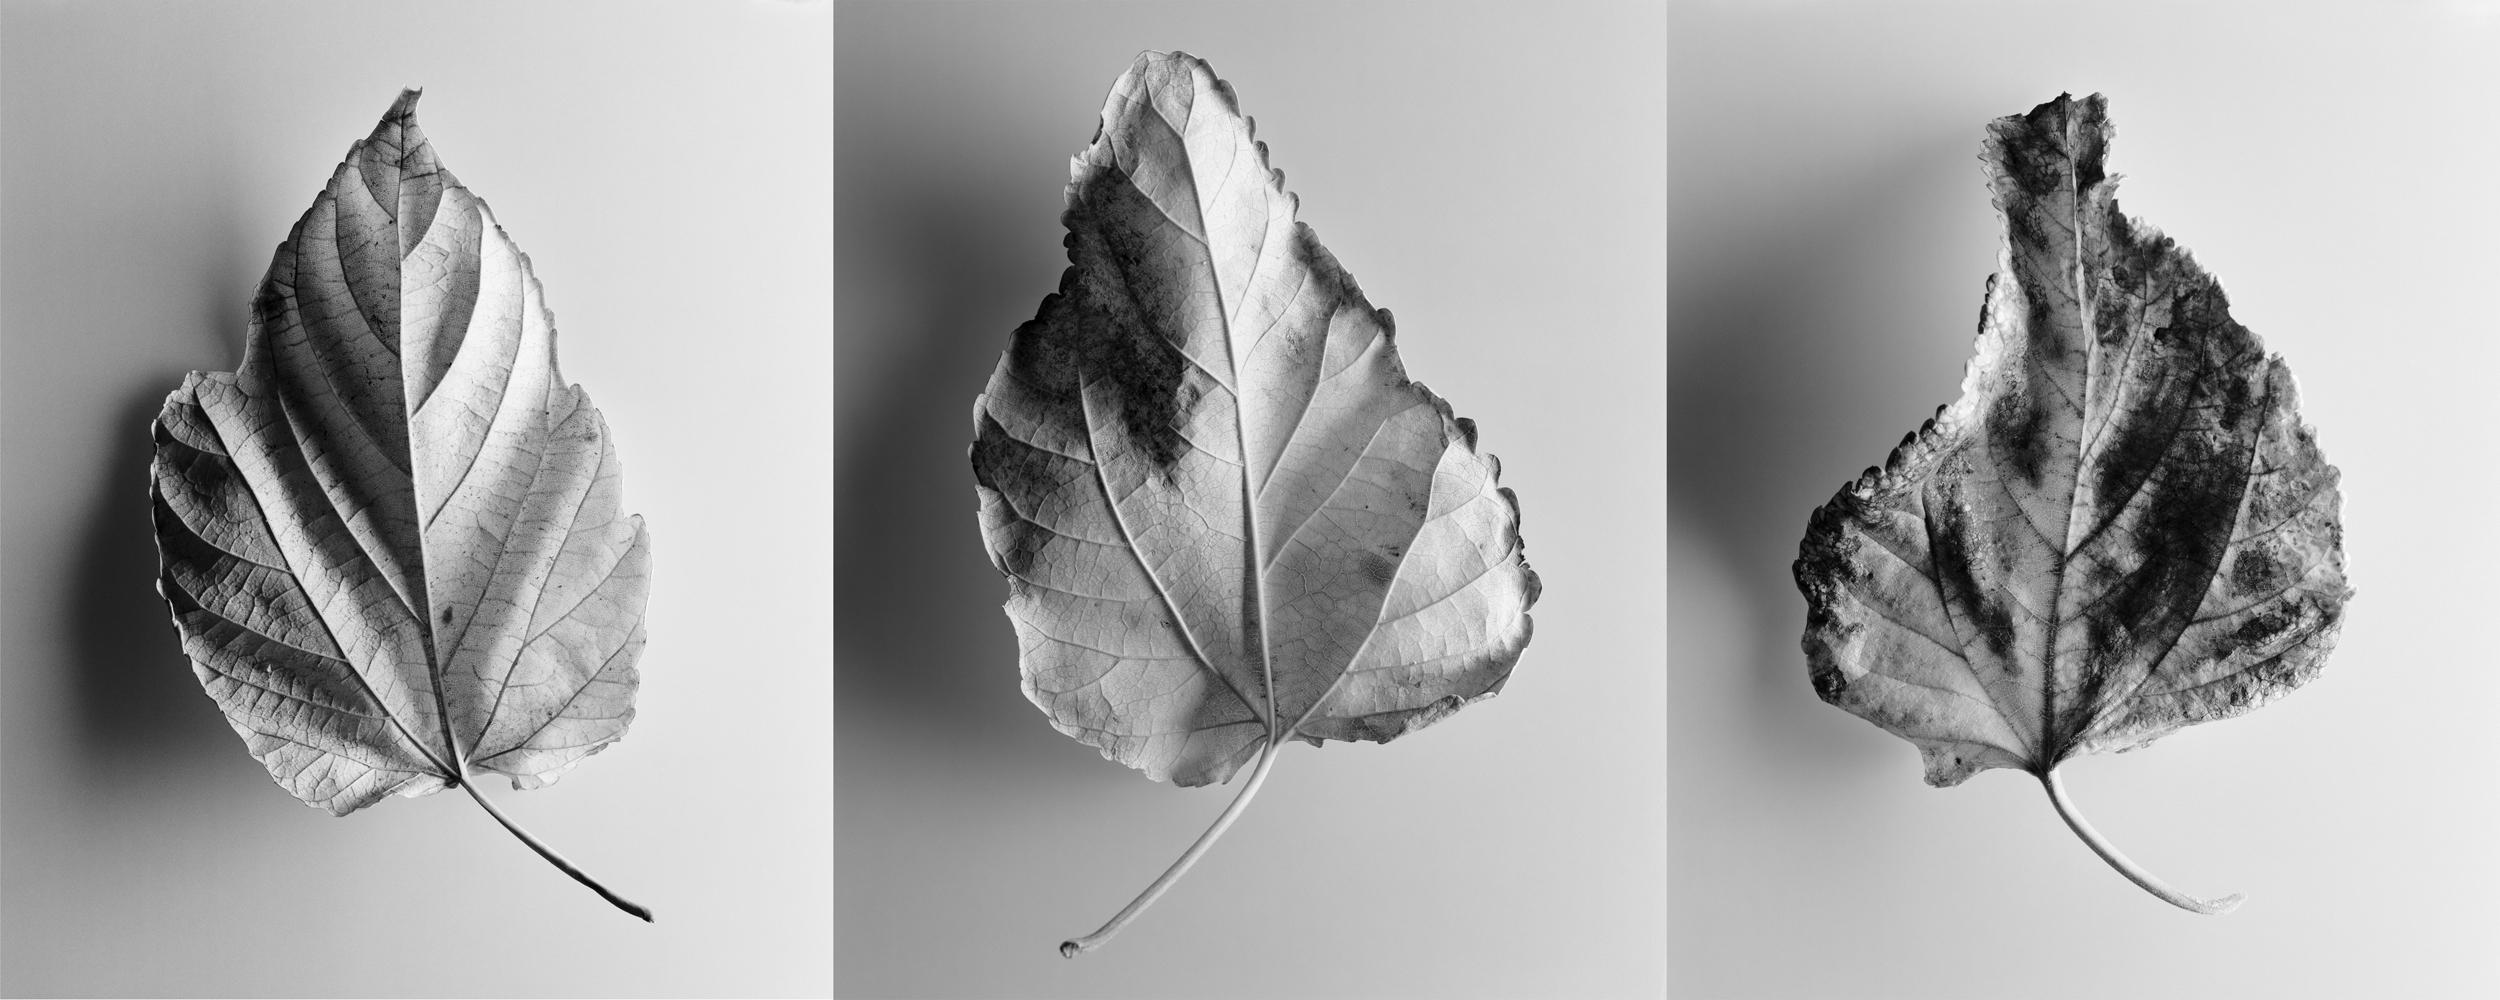 Leaf triptych 2, circa 1990